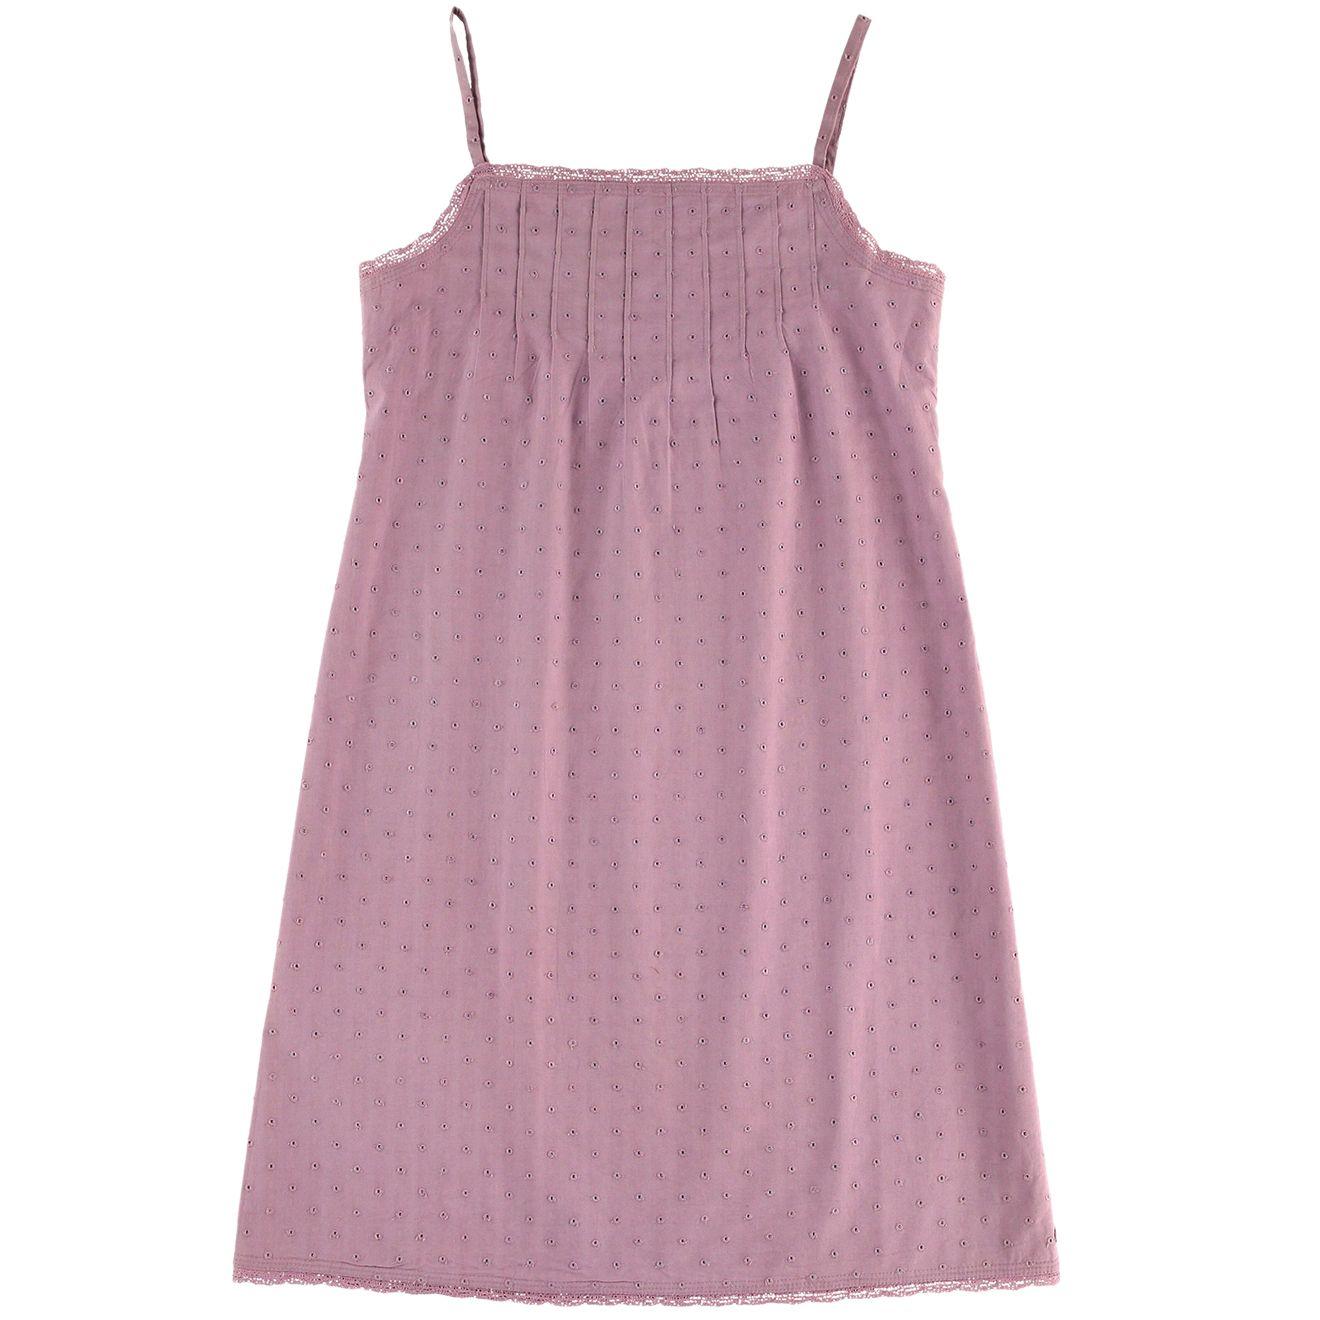 Bazarchic - Chemise de nuit en coton vieux rose